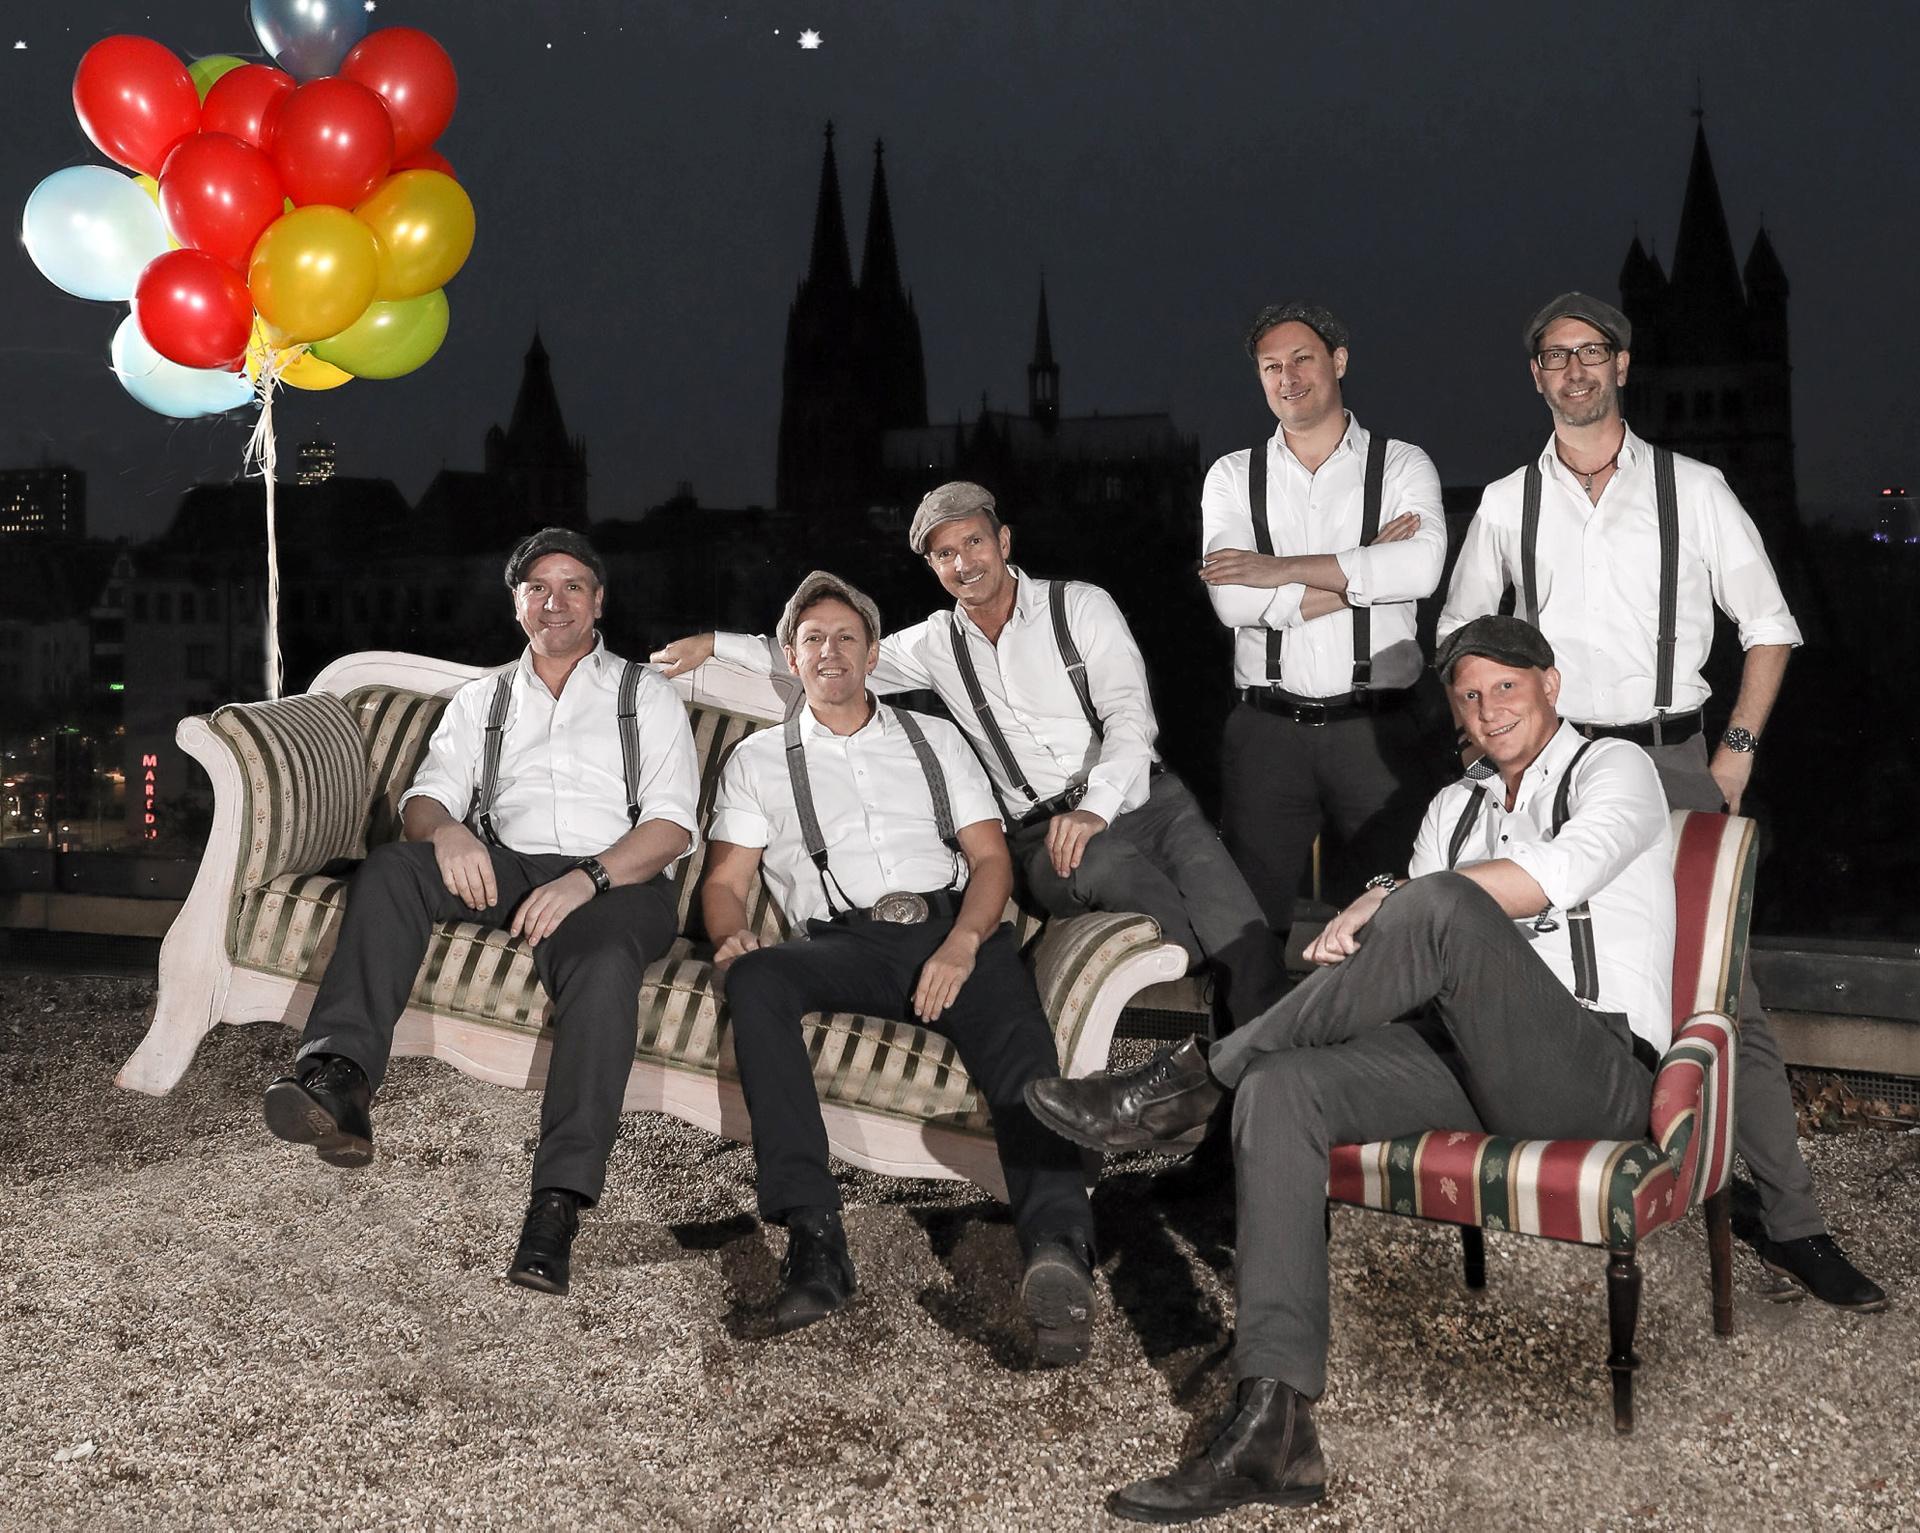 Das Möbelhaus Brucker Feiert Am Wochenende 23 Und 24 September